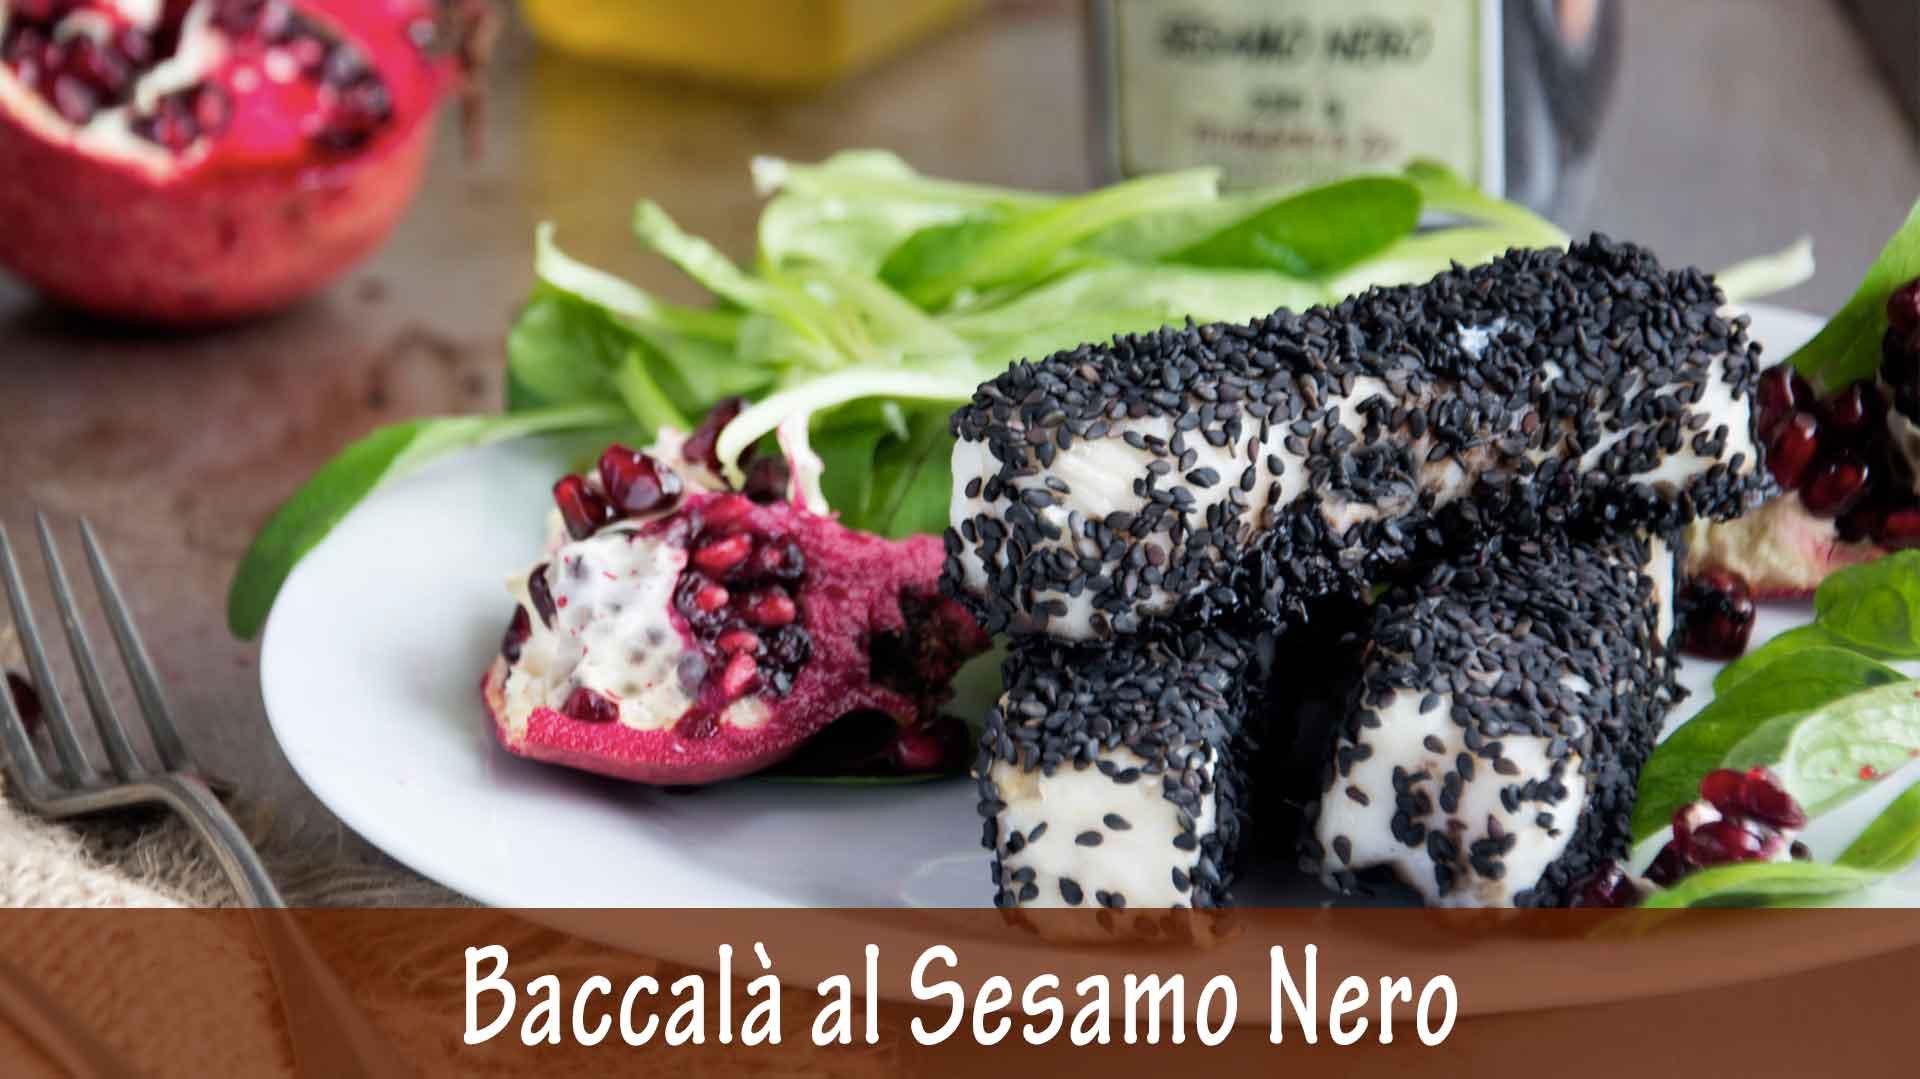 Filetto di Baccalà al Sesamo Nero